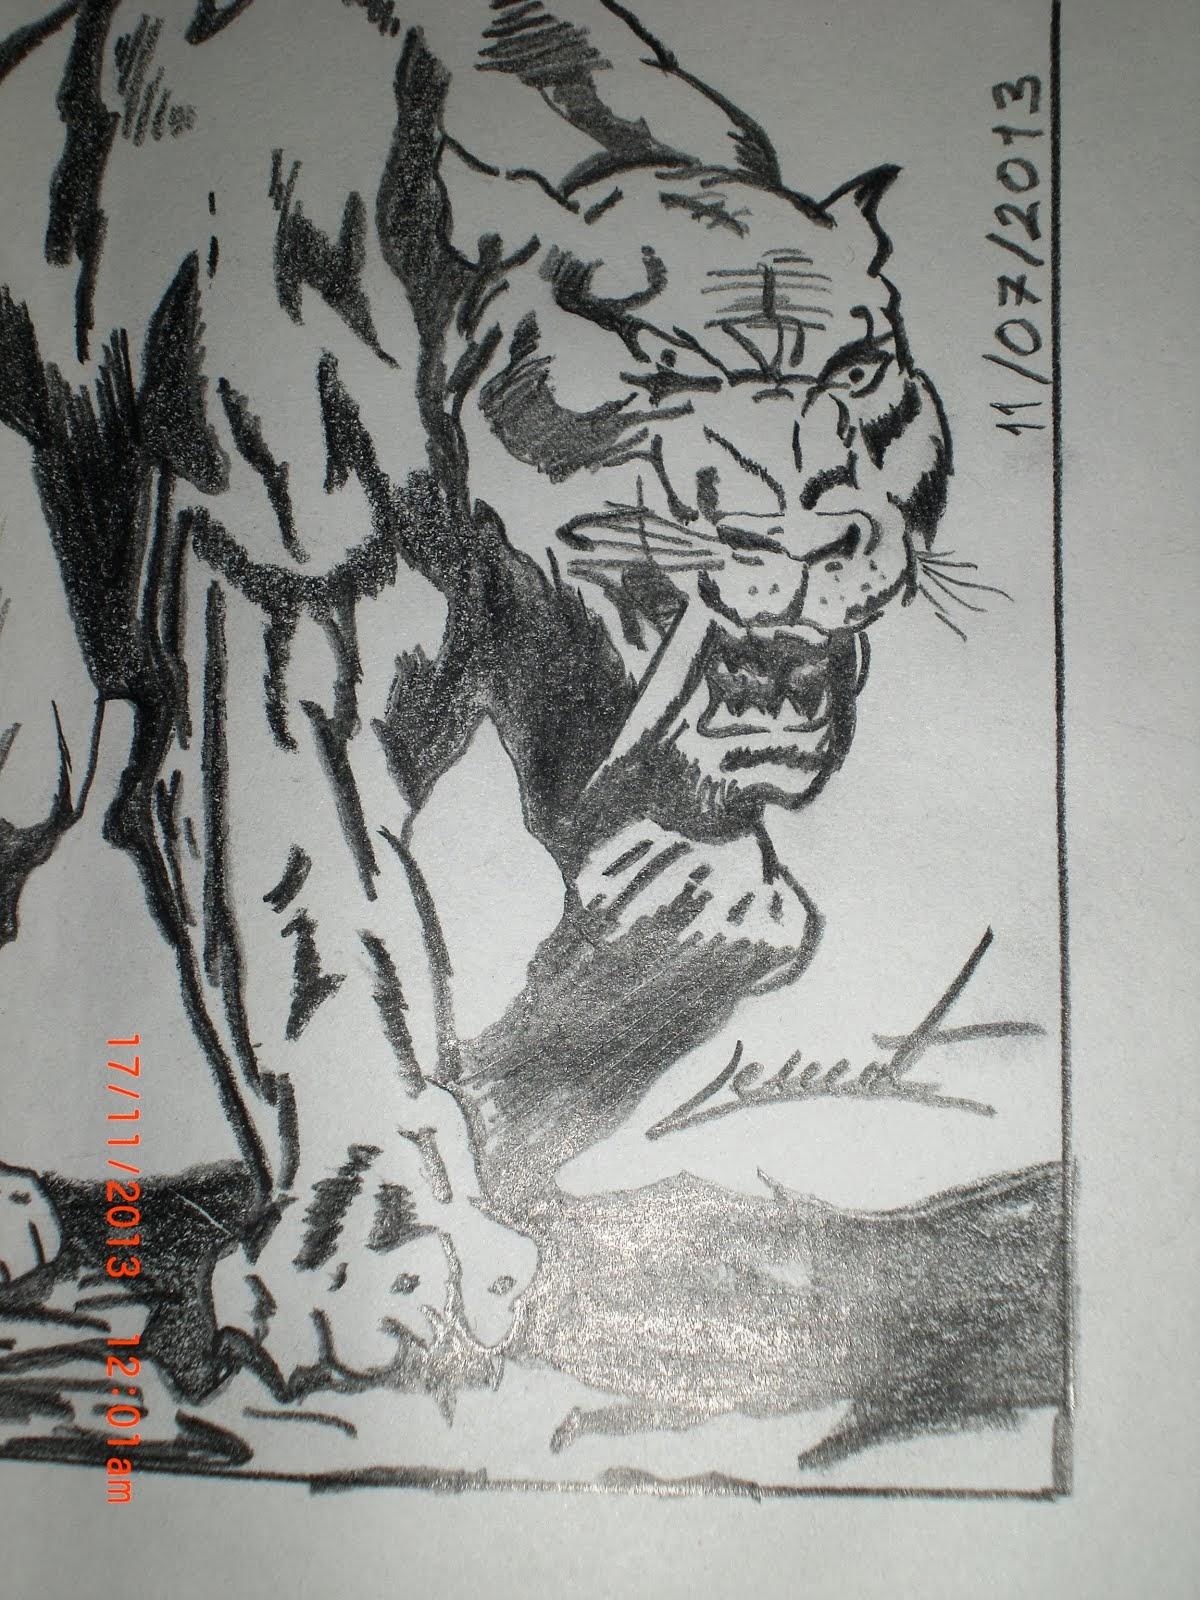 Pisicik çizdim :)